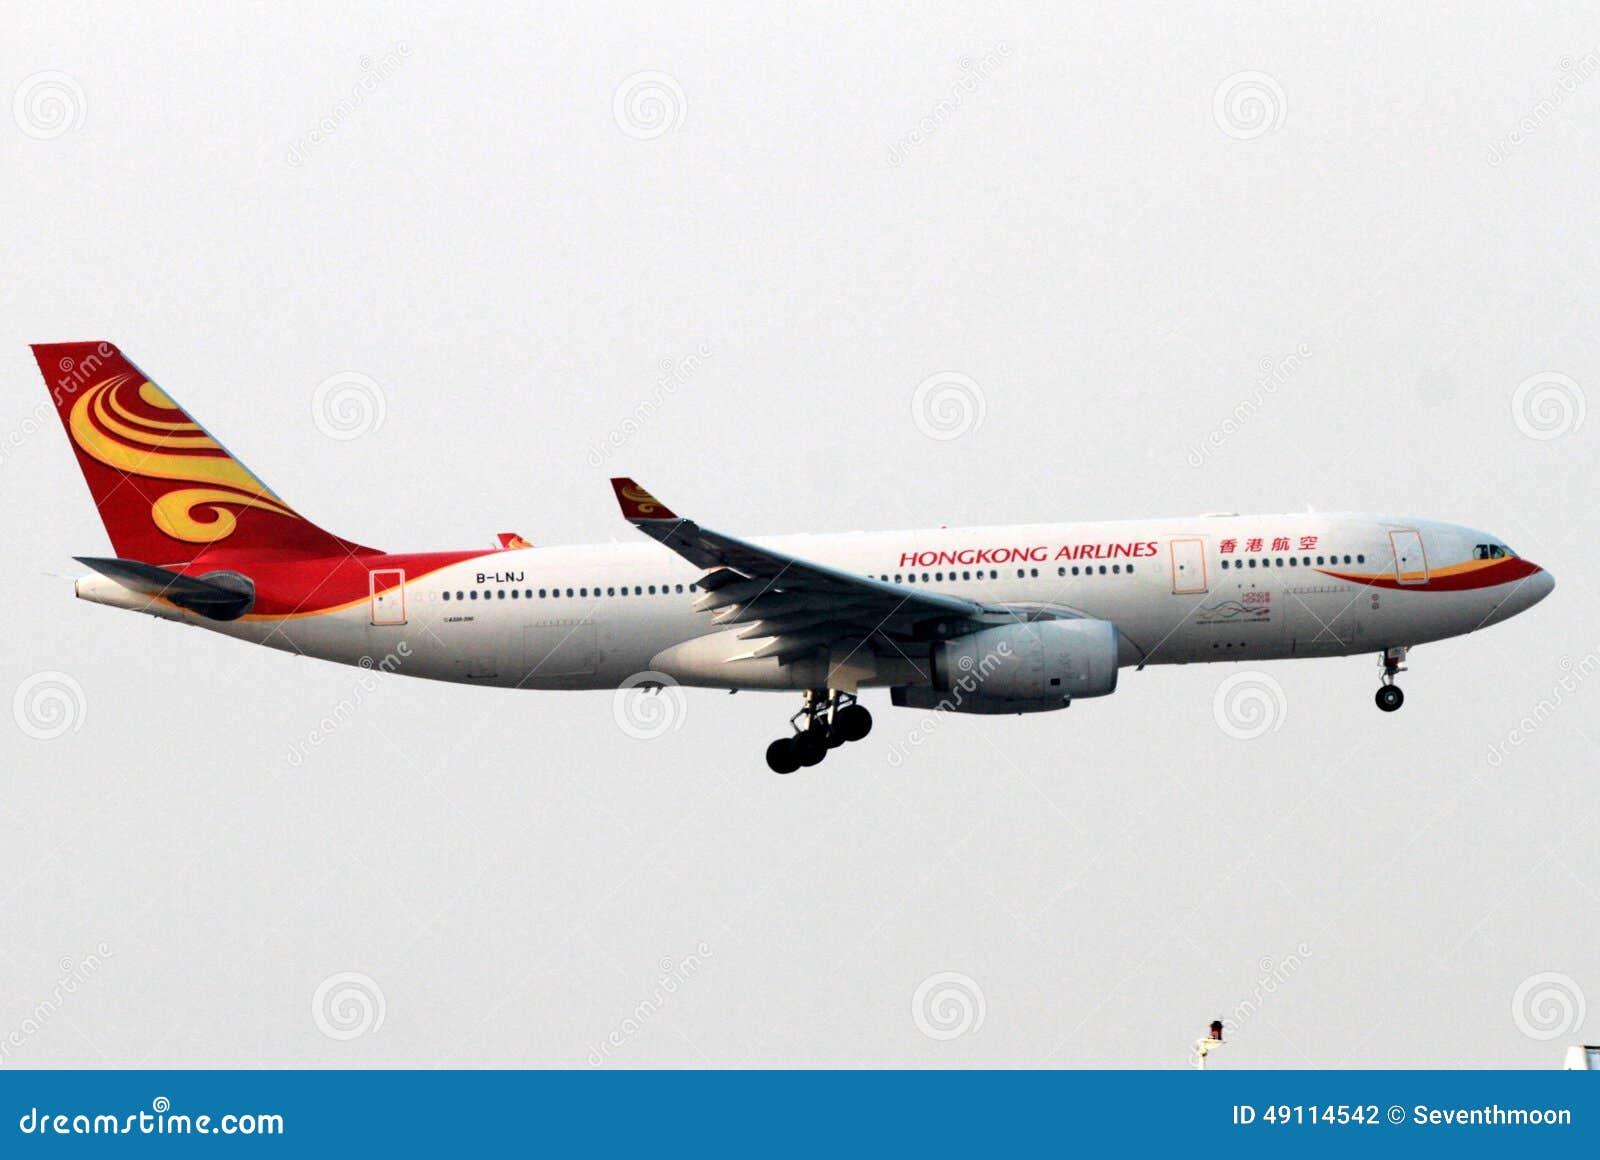 Αεροπλάνο αερογραμμών Χονγκ Κονγκ